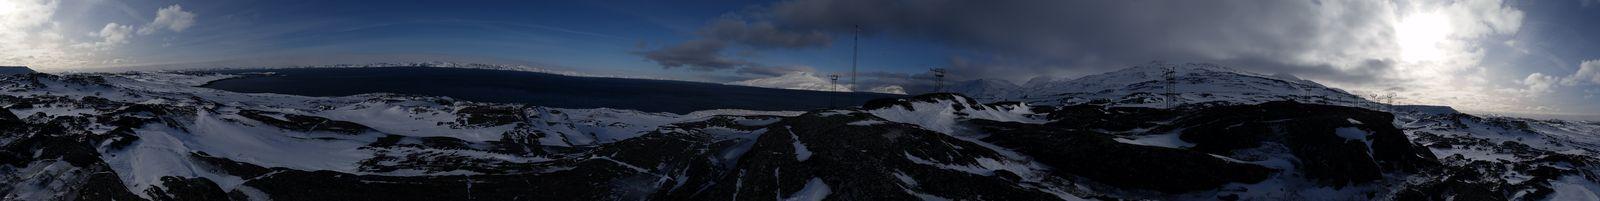 2015-03-05-1331_-_Panorama_Sermitsiaq